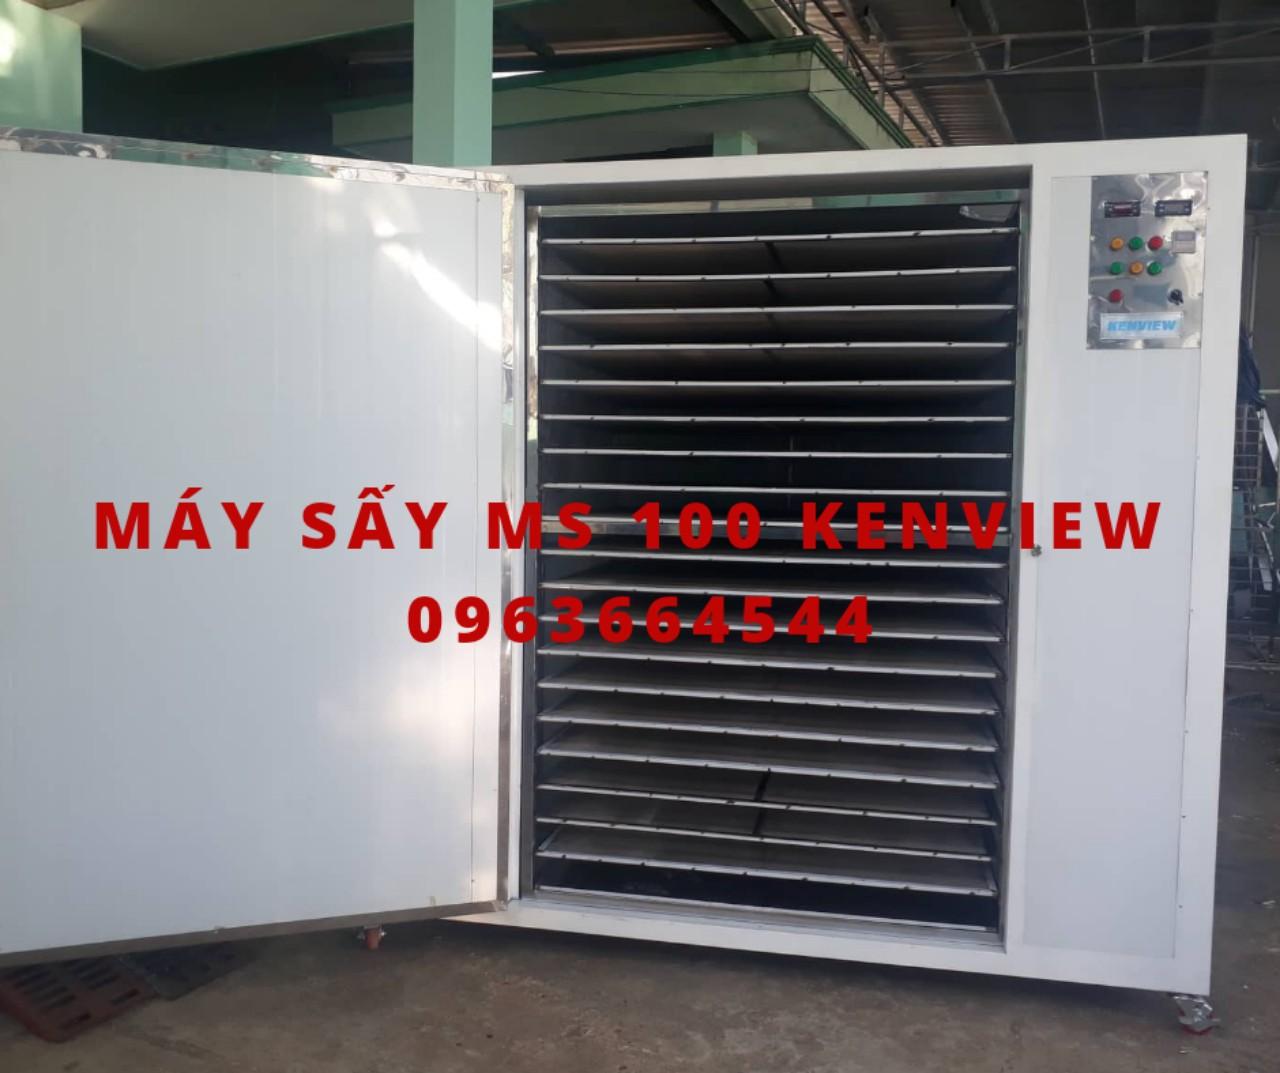 Kenview cung cấp máy sấy chuối ở Kon Tum - Máy sấy trái cây